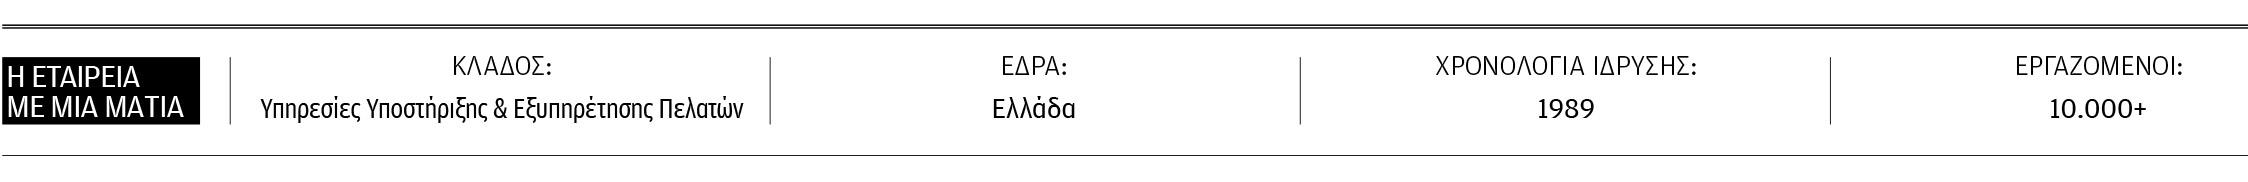 konstantinos-chamalelis-i-psifiaki-epanastasi-os-pigi-aisiodoxias-kai-likno-tis-neas-epochis1